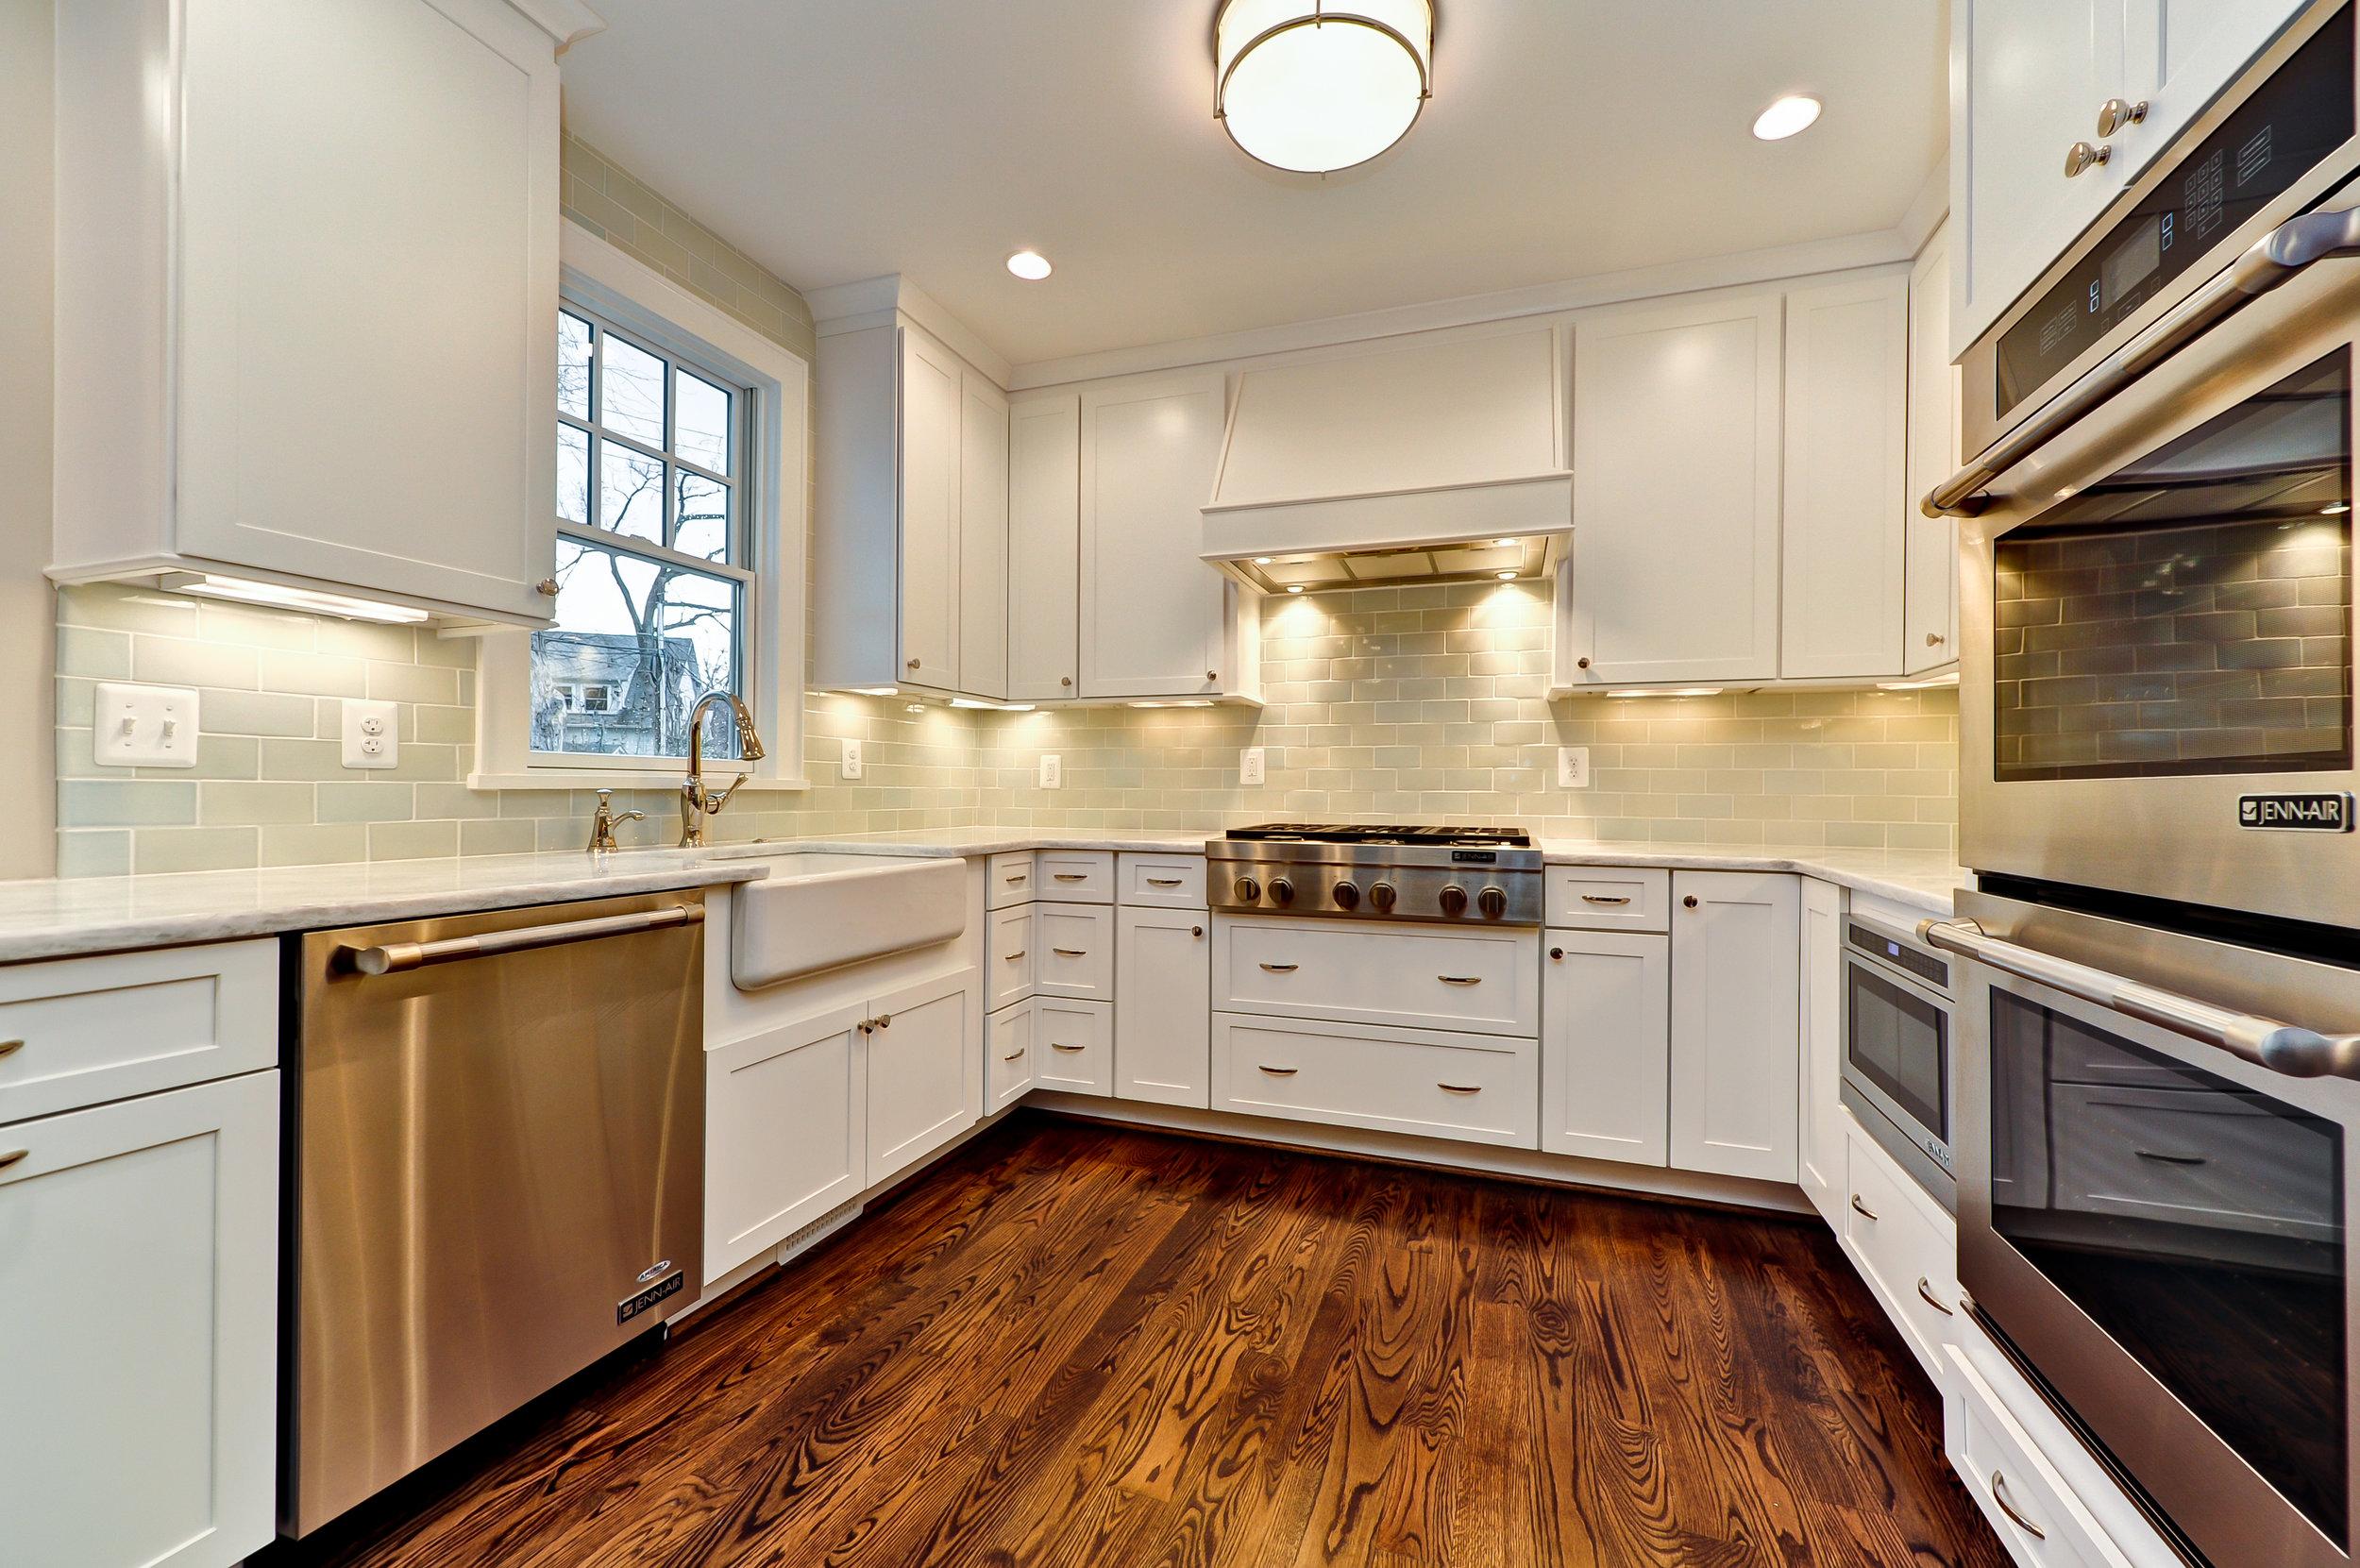 1560 N. Bryan St. - Kitchen 1.jpg